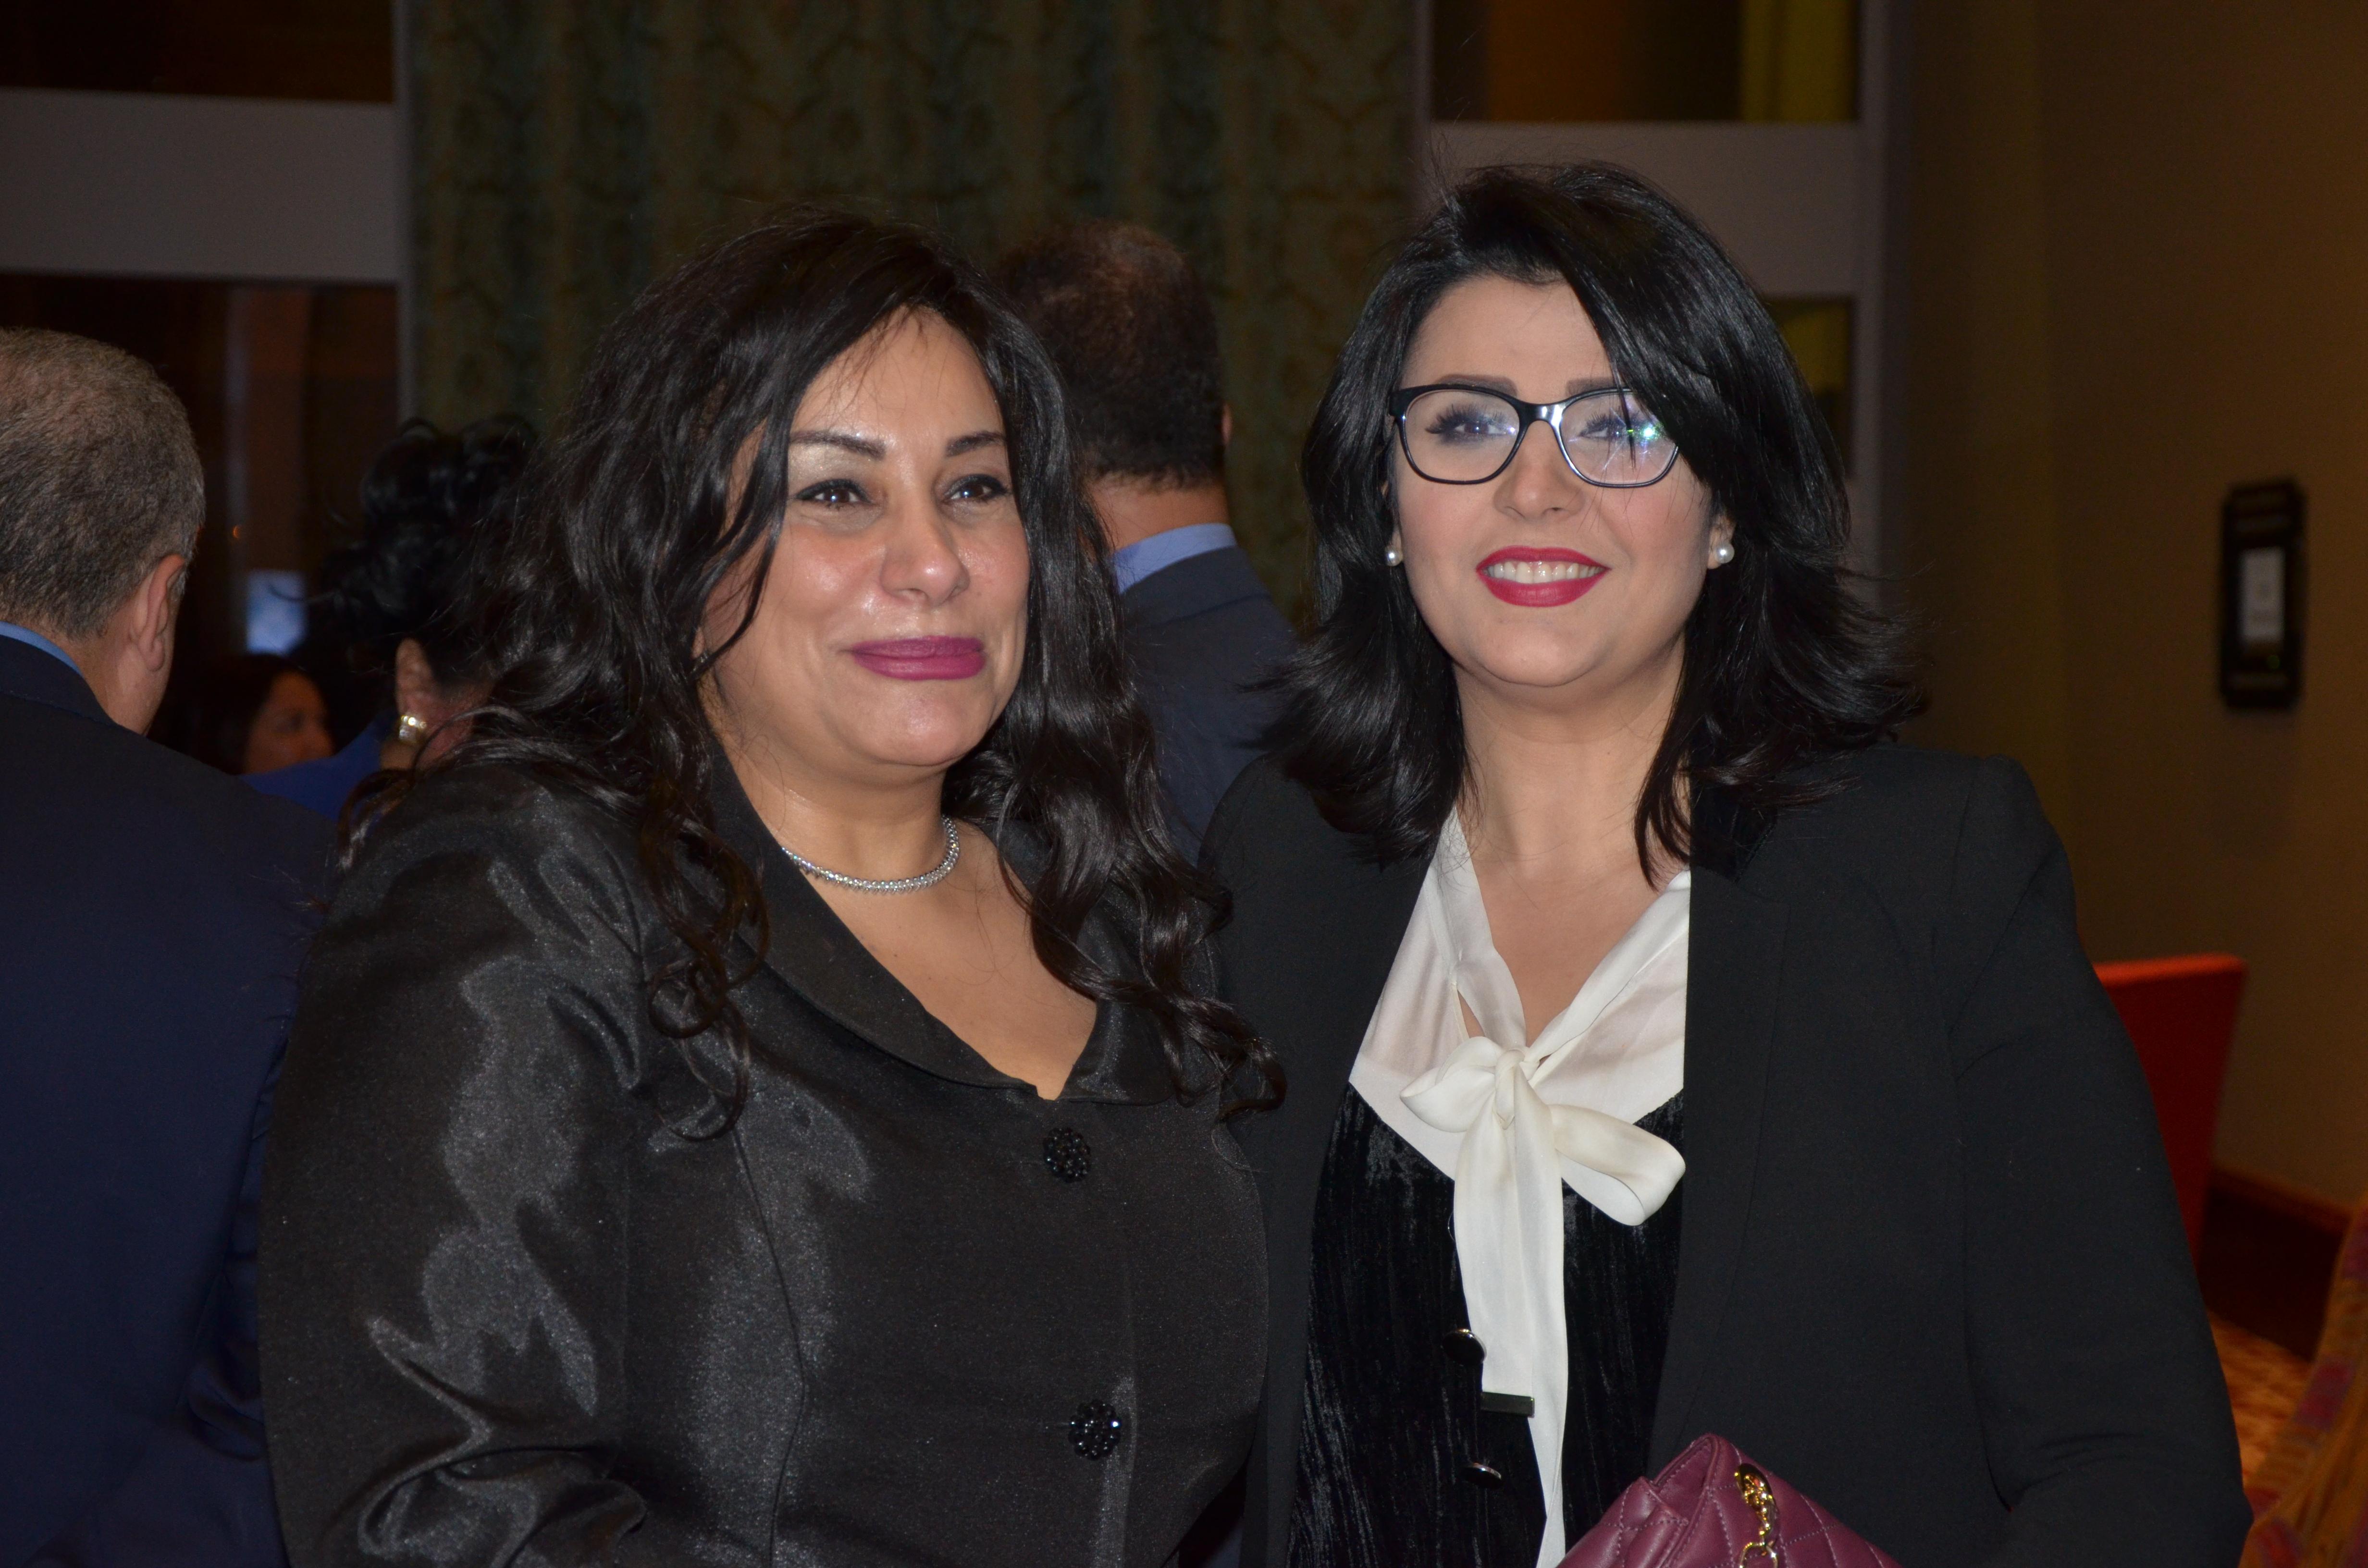 Ms. Enas Mekkawy & Mona El Shazly